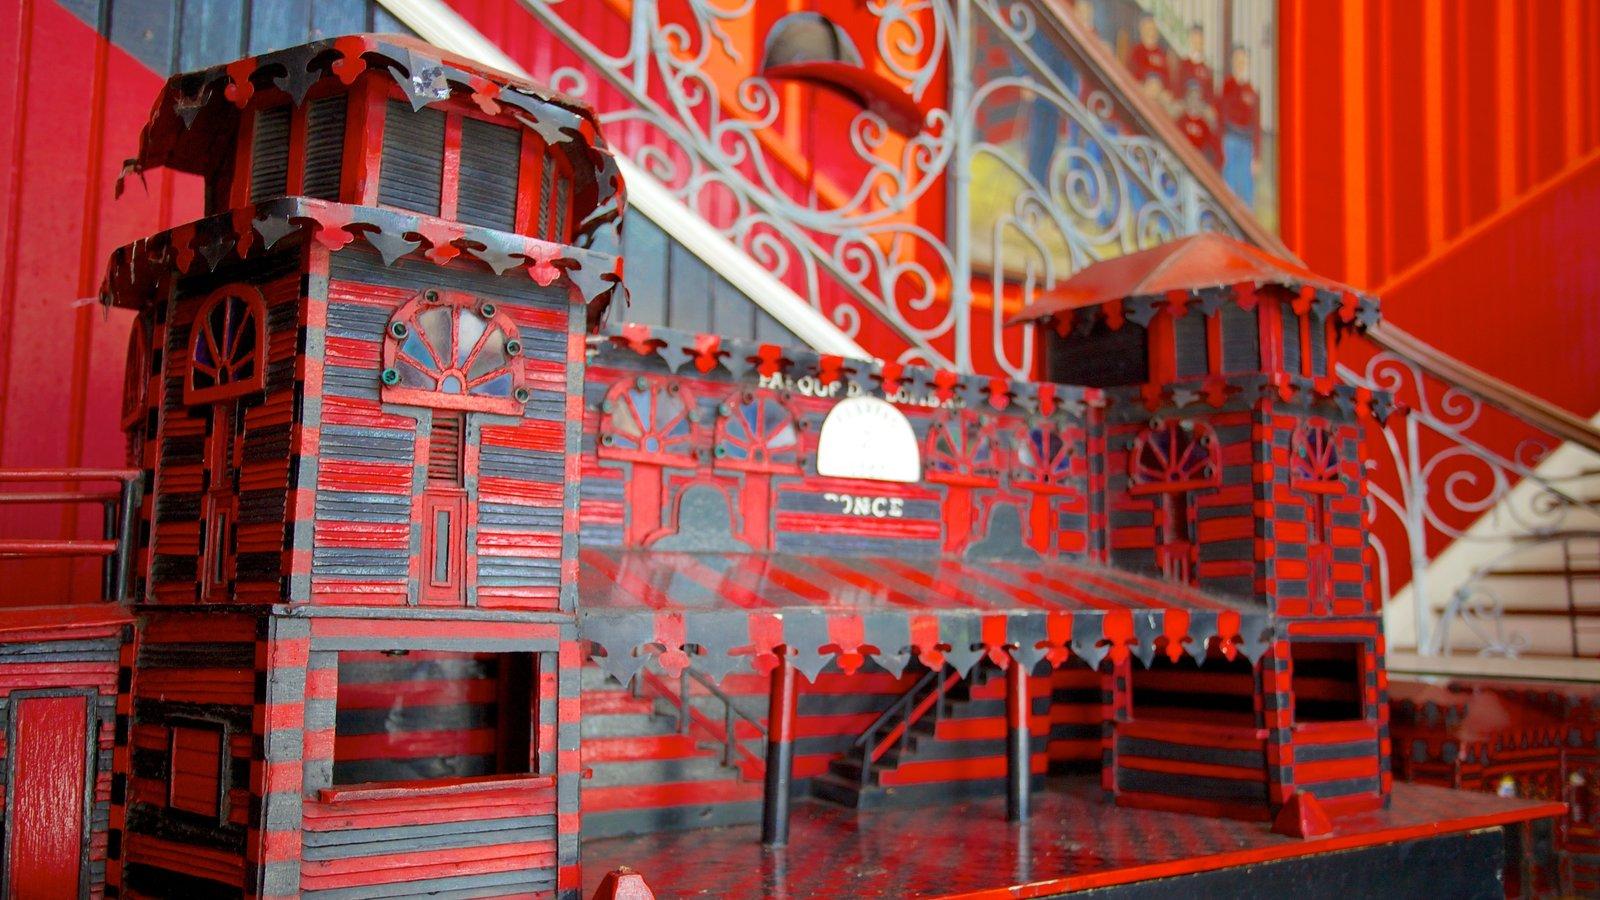 Parque de Bombas mostrando vistas internas